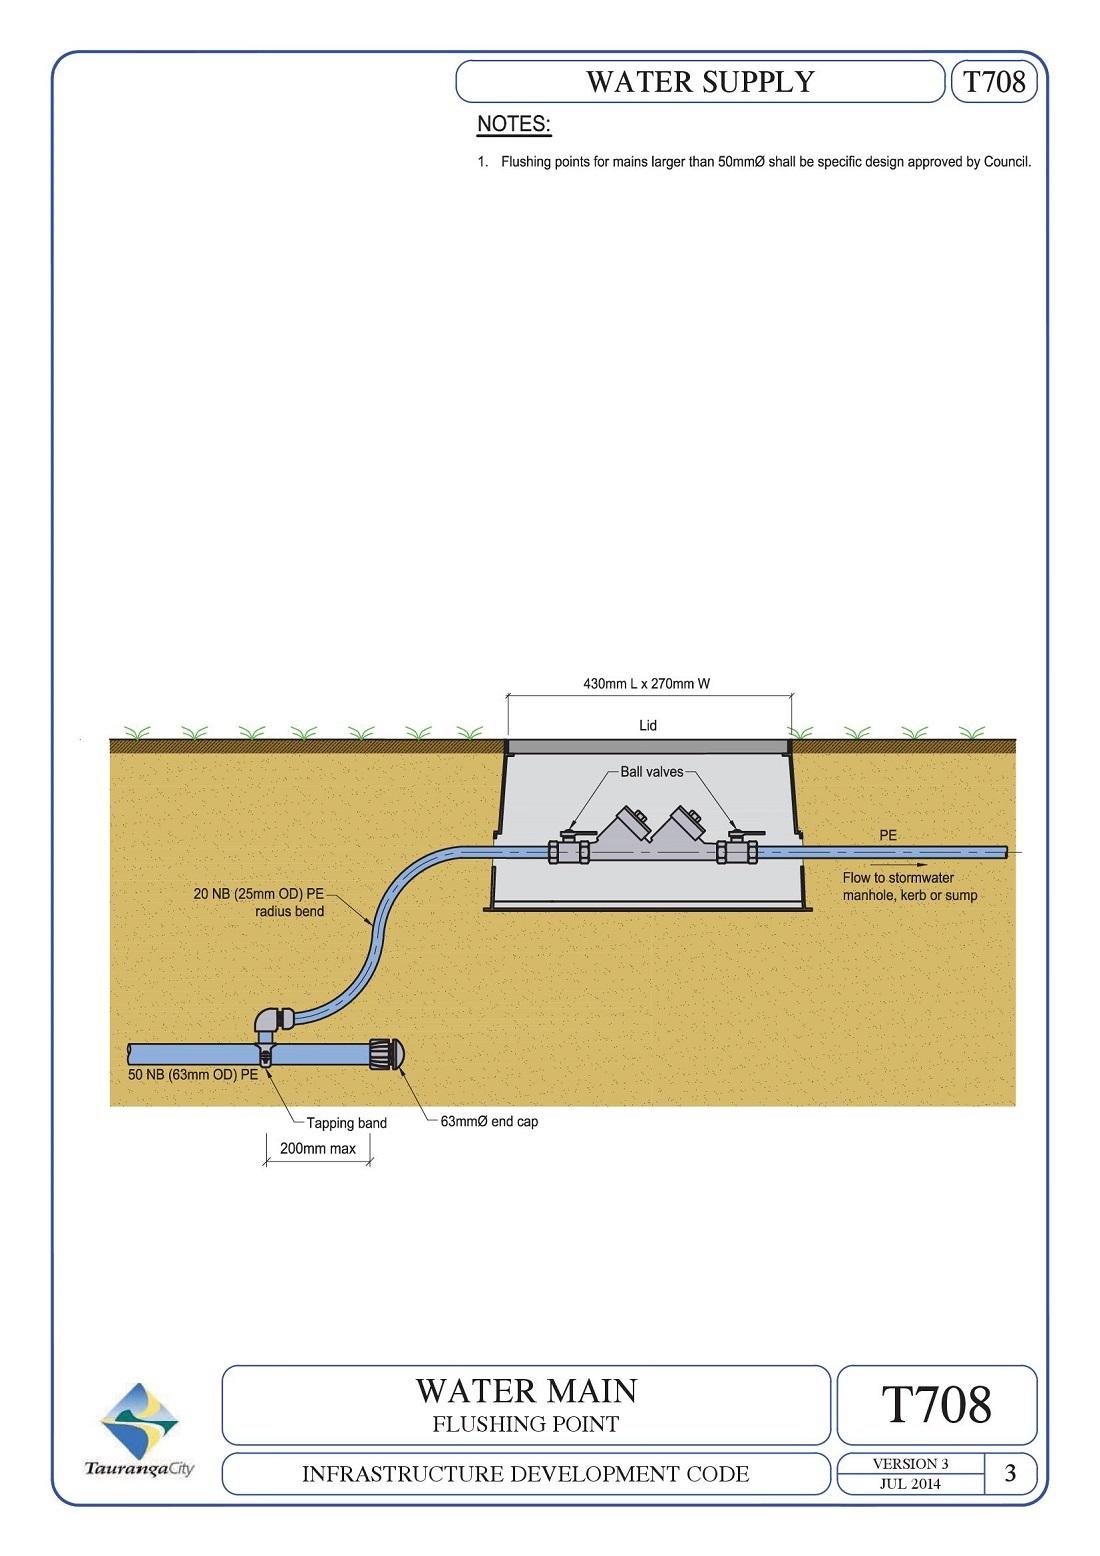 Water Main - Flushing Point